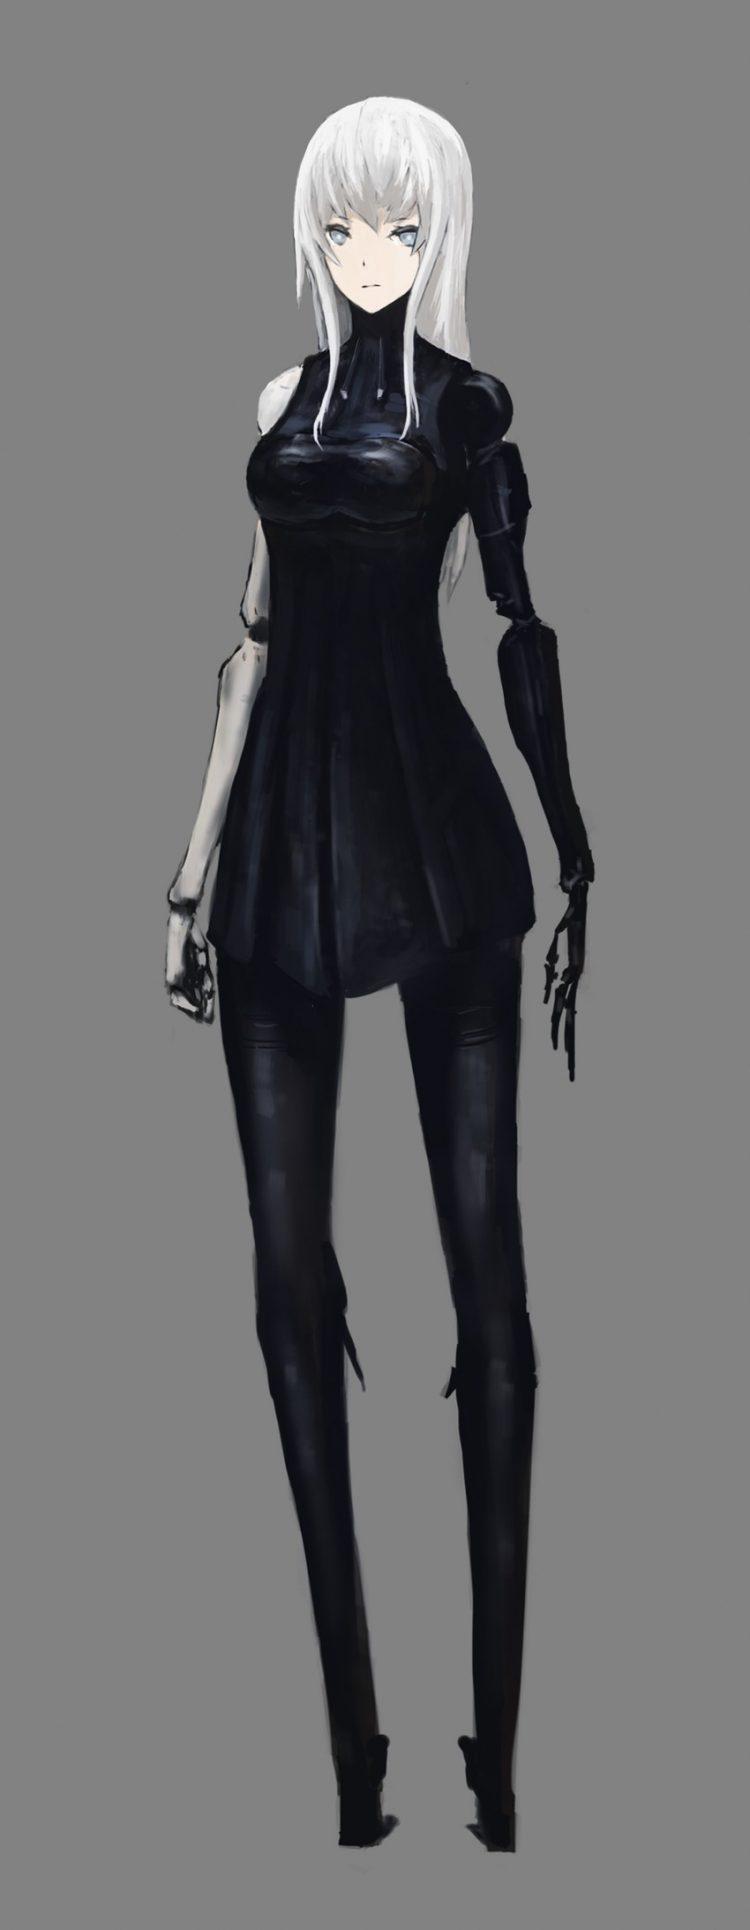 hentai cyborg Android cyberpunk 4 - 【二次】サイボーグやアンドロイドのエロ画像:イラスト